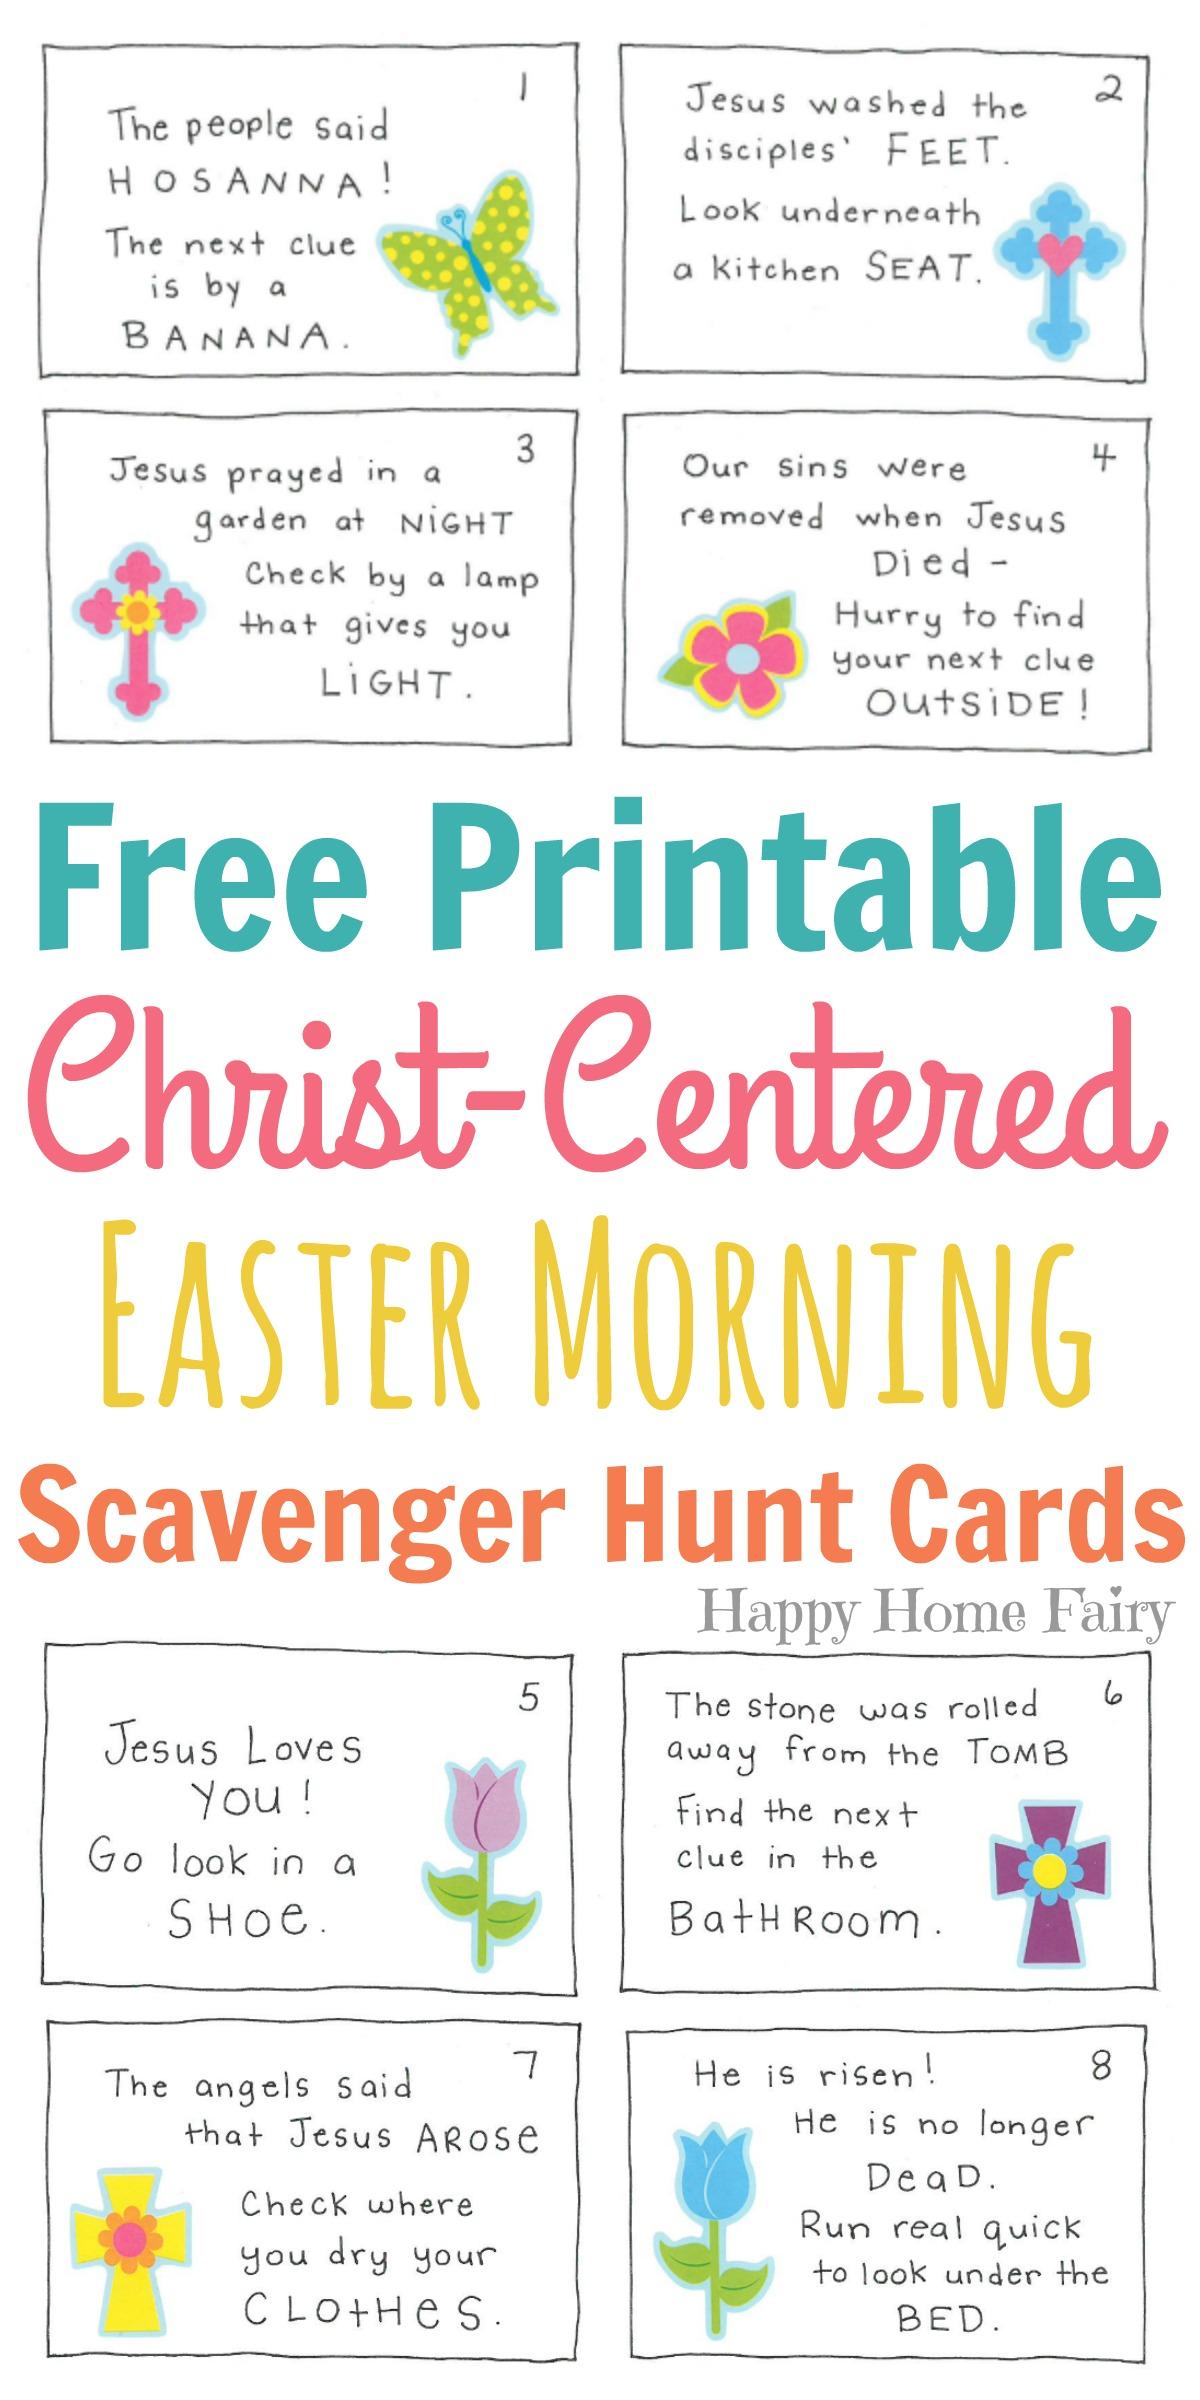 image about Scavenger Hunt Printable titled Christ-Based Easter Early morning Scavenger Hunt for